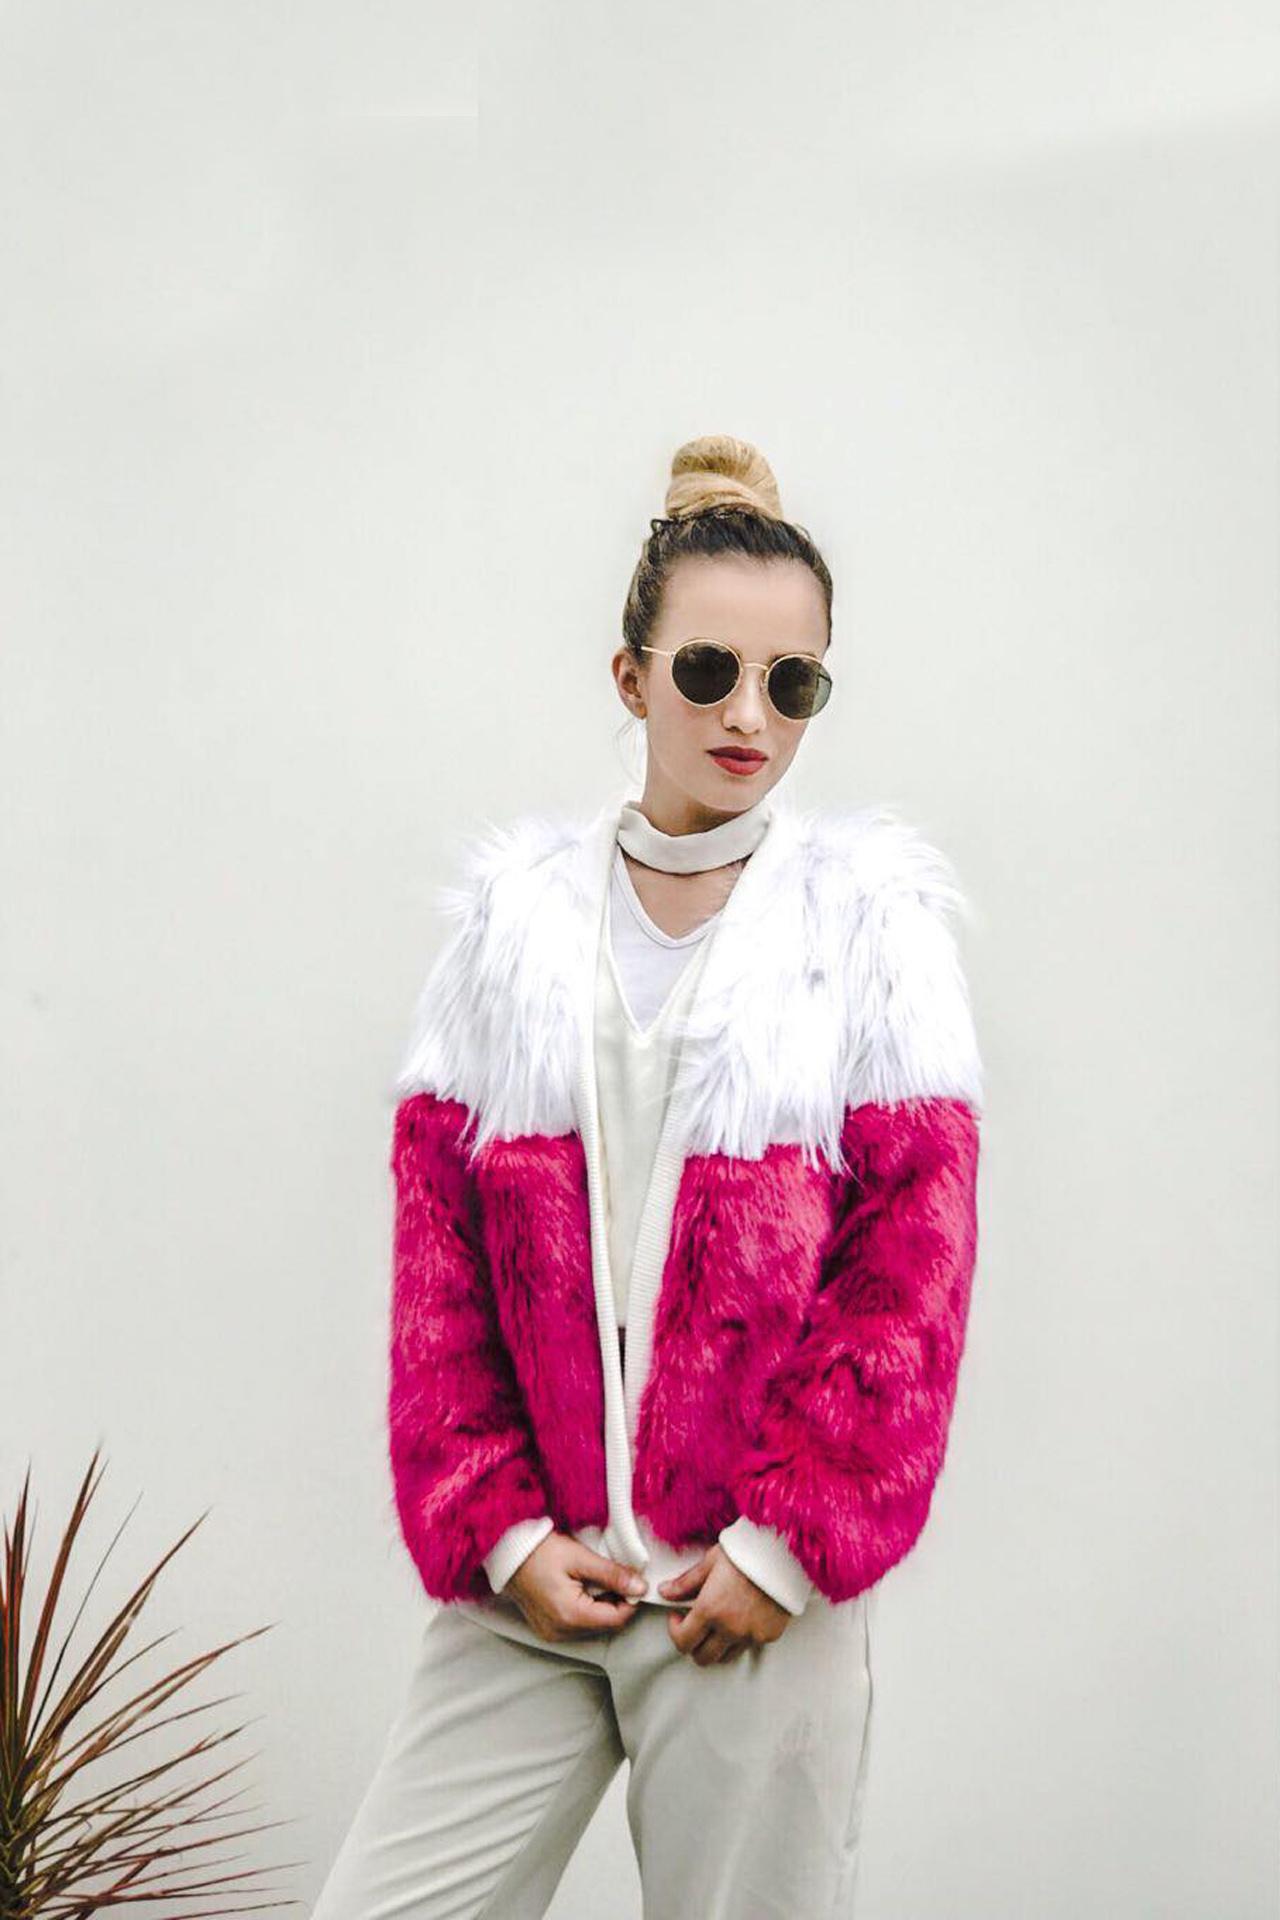 Casaca forrada por dentro y con peluche por fuera super abrigadora! Color blanco y rosado